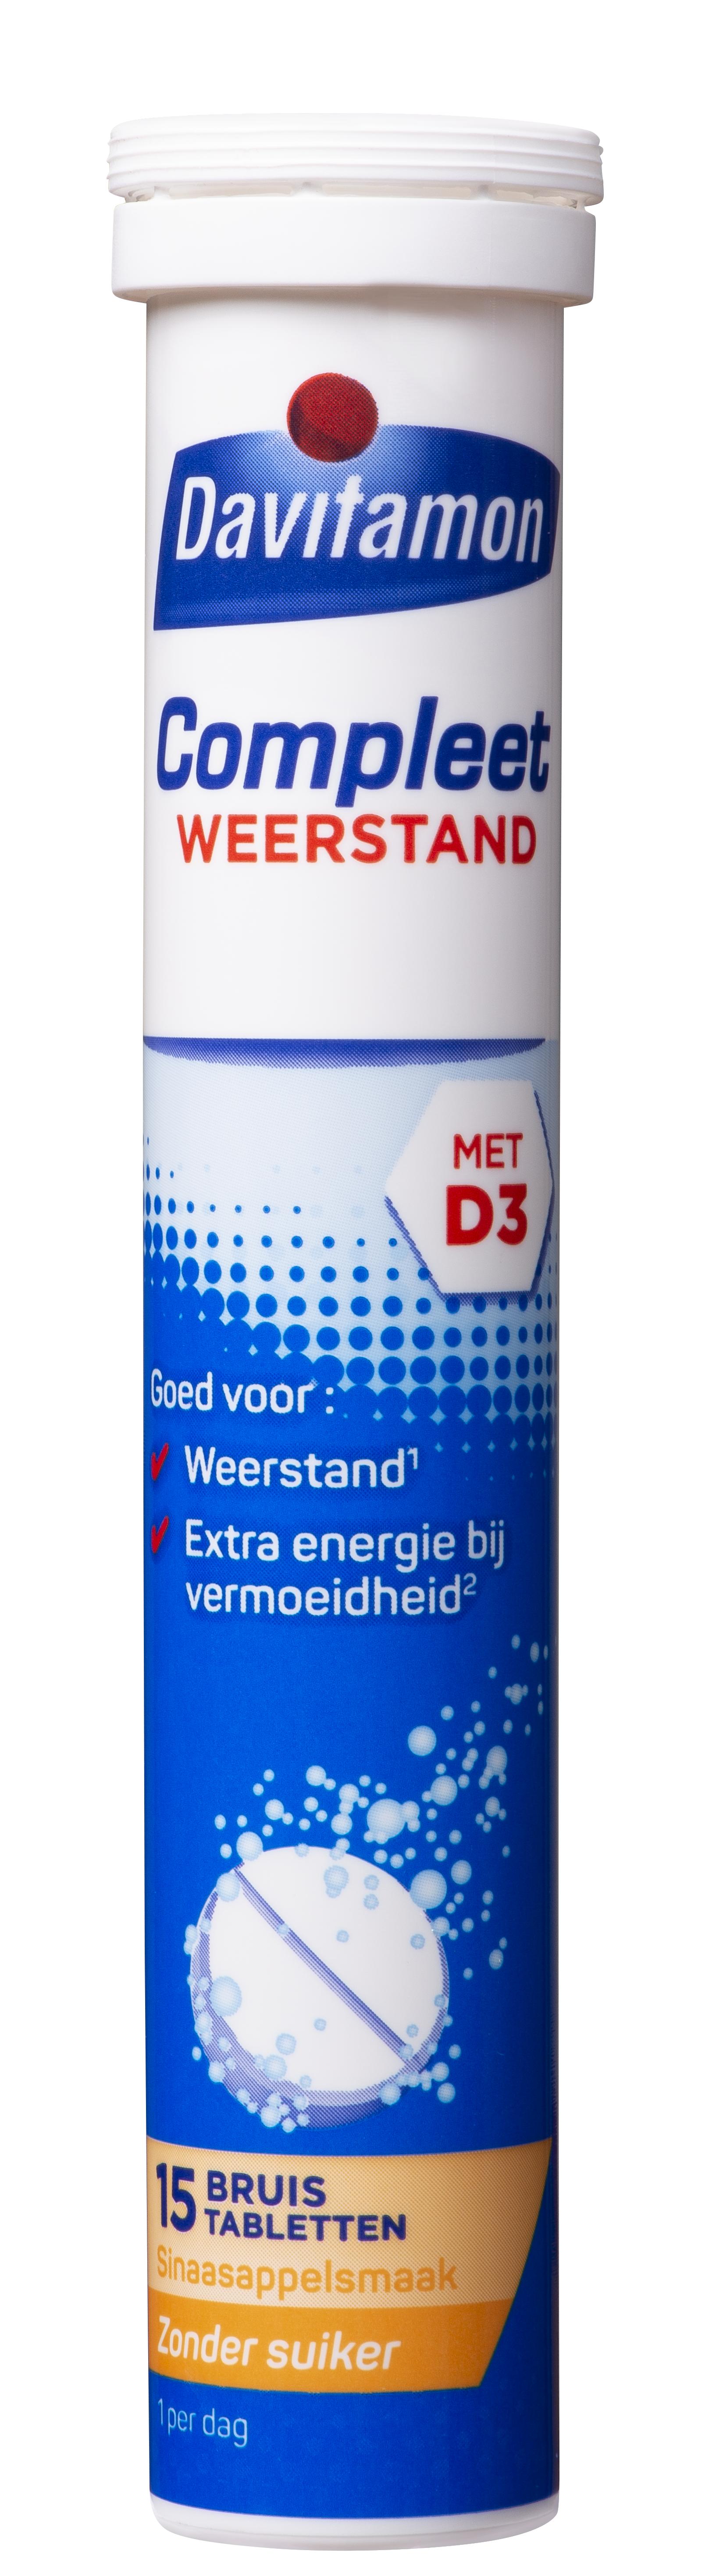 Davitamon Compleet Weerstand – 15 Bruistabletten